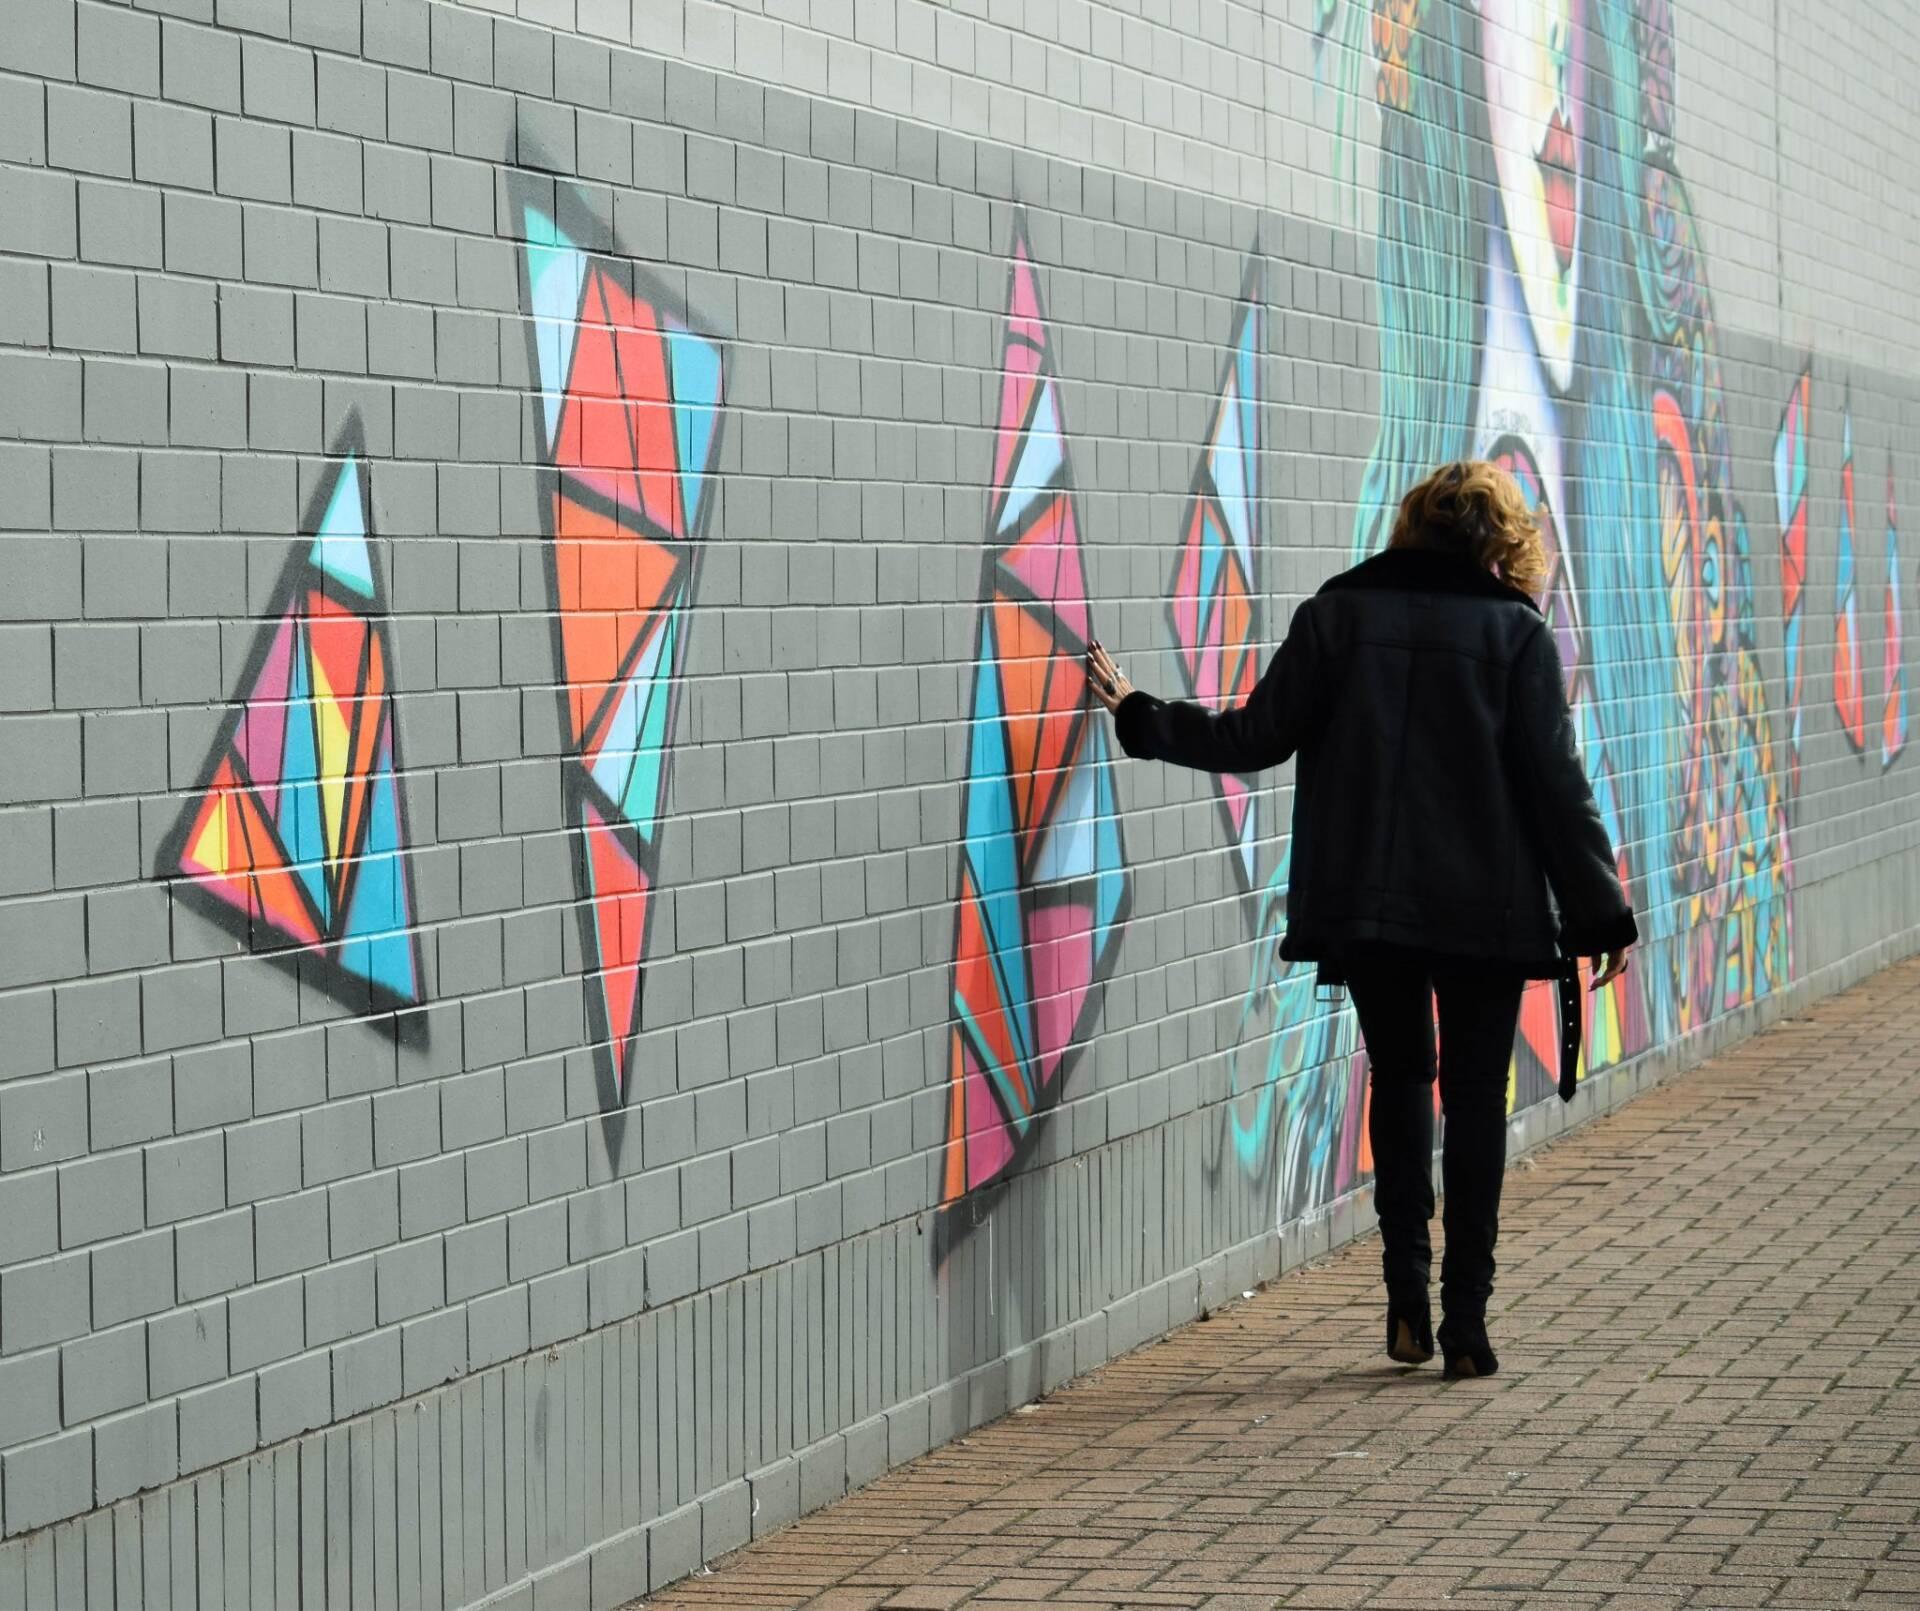 Street Style- Wandering